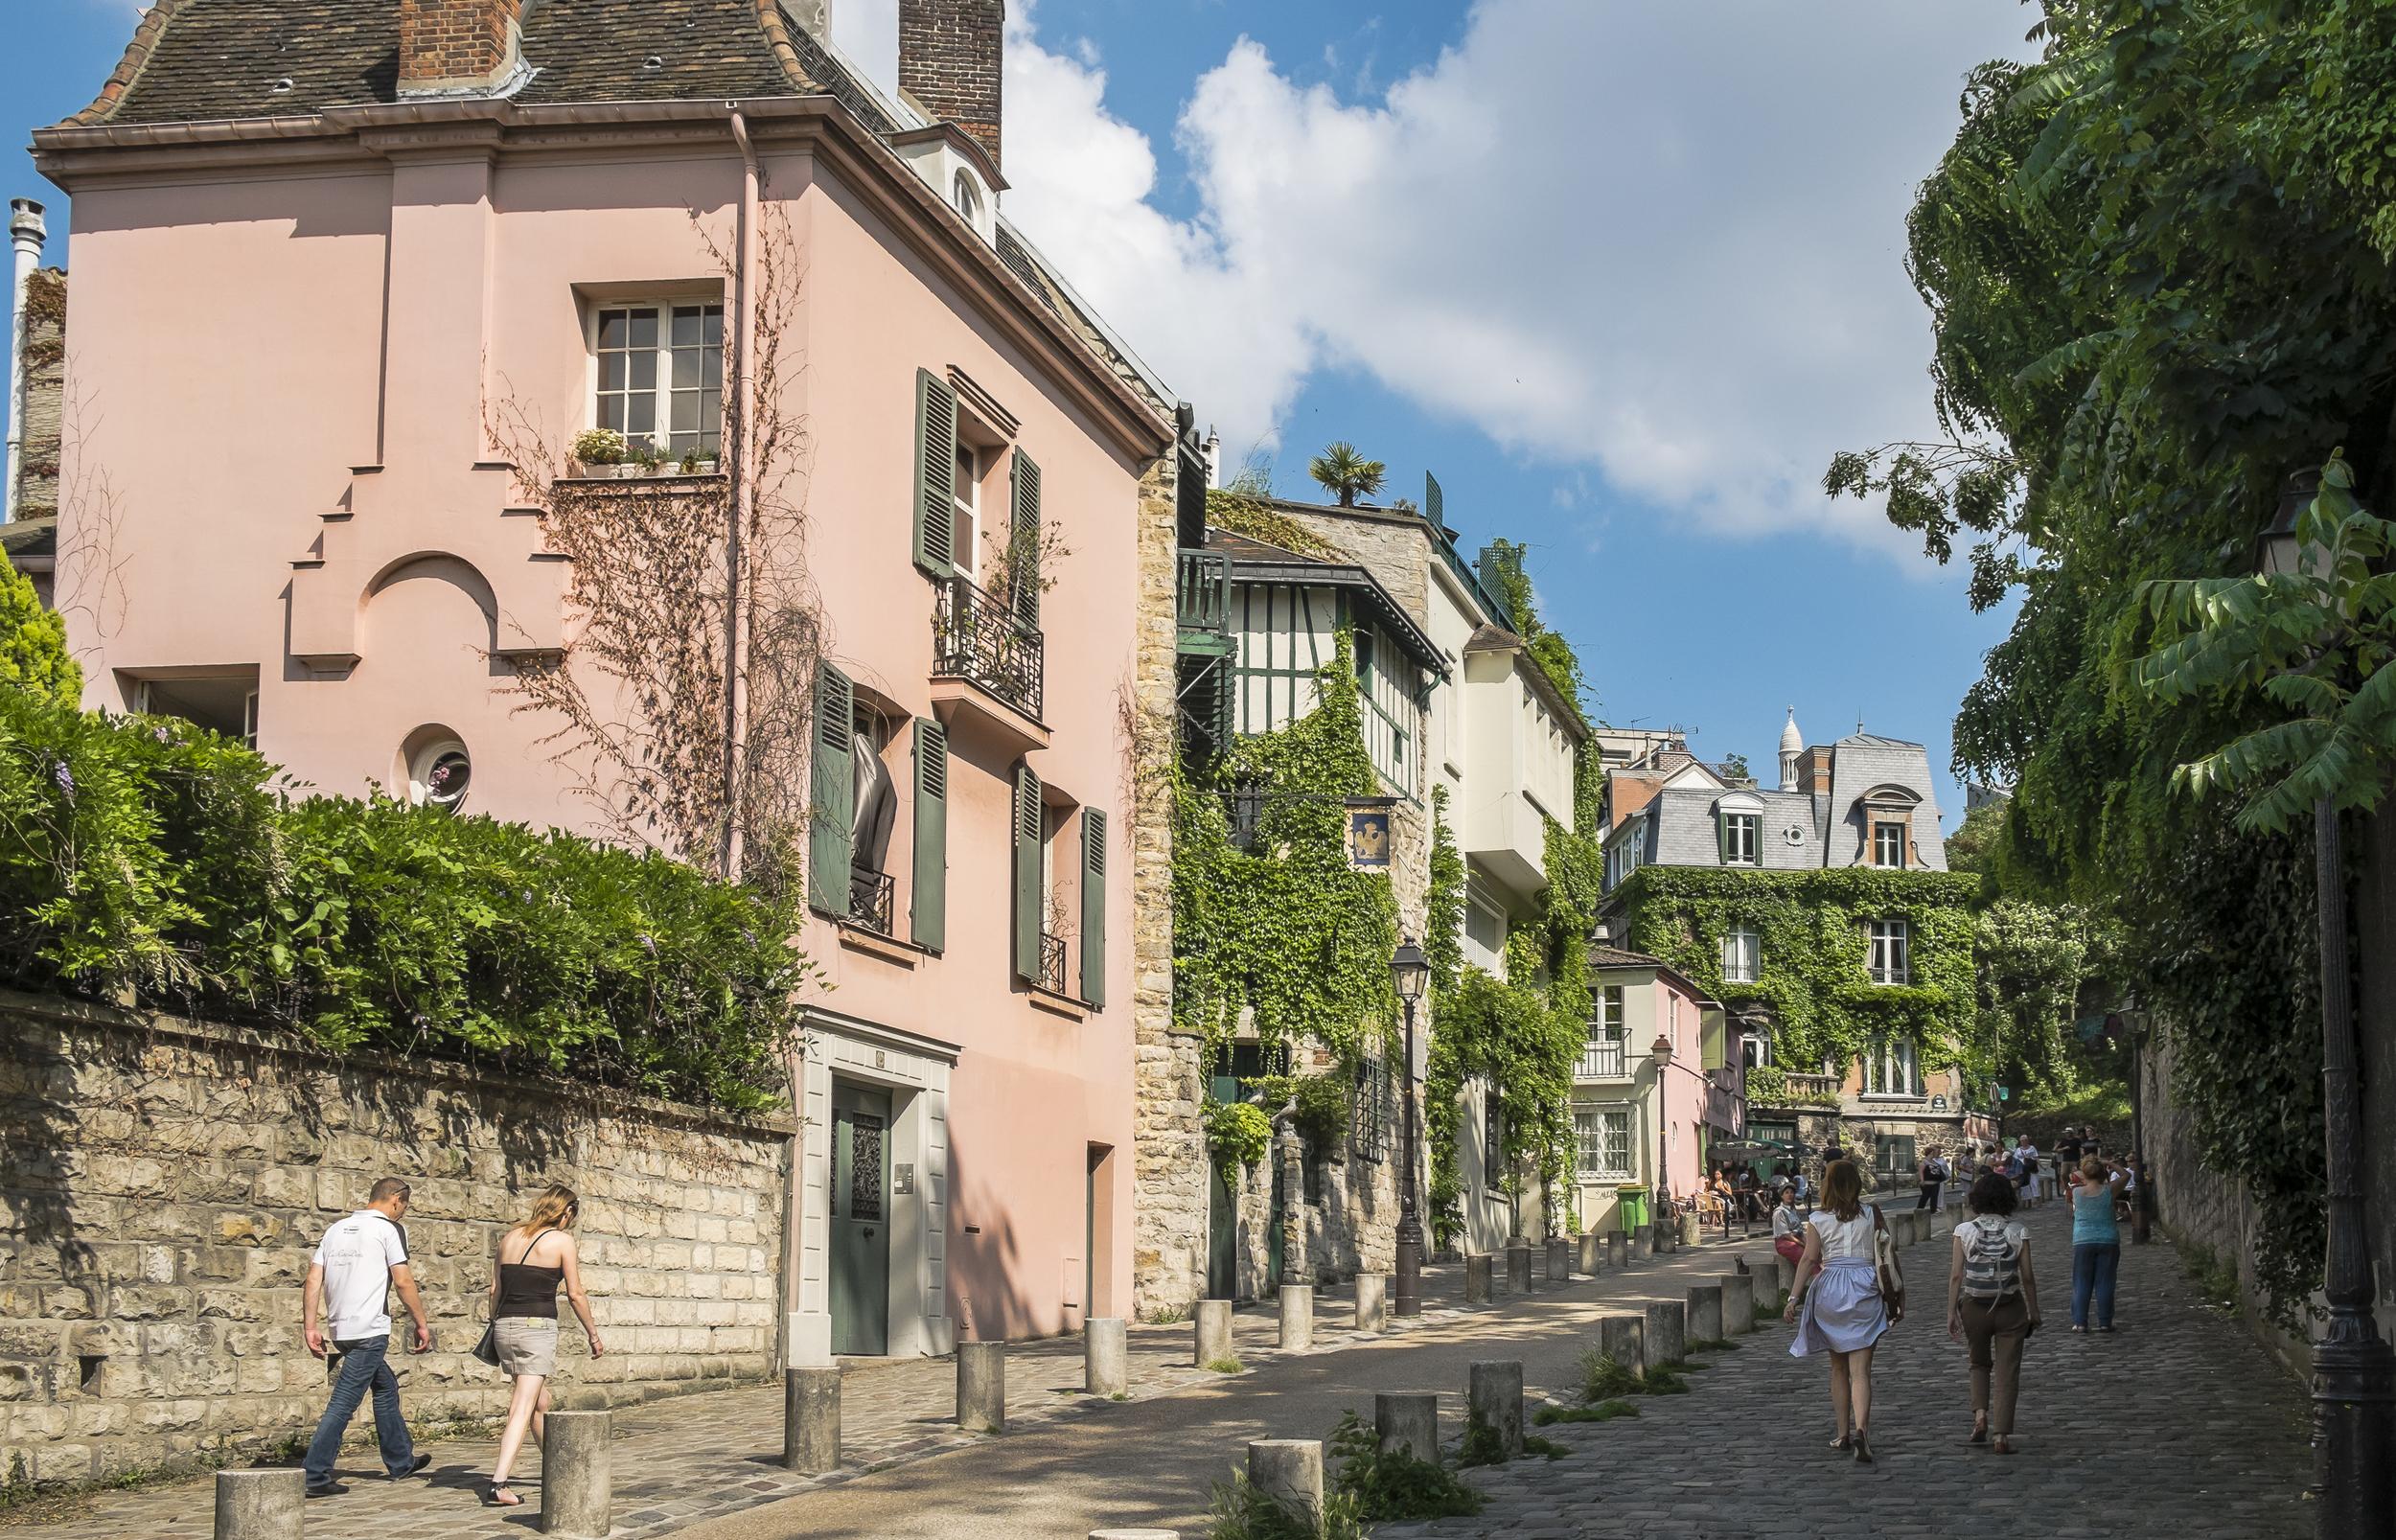 Paris-MontmartreStreet-20130707-DSCF3613.jpg